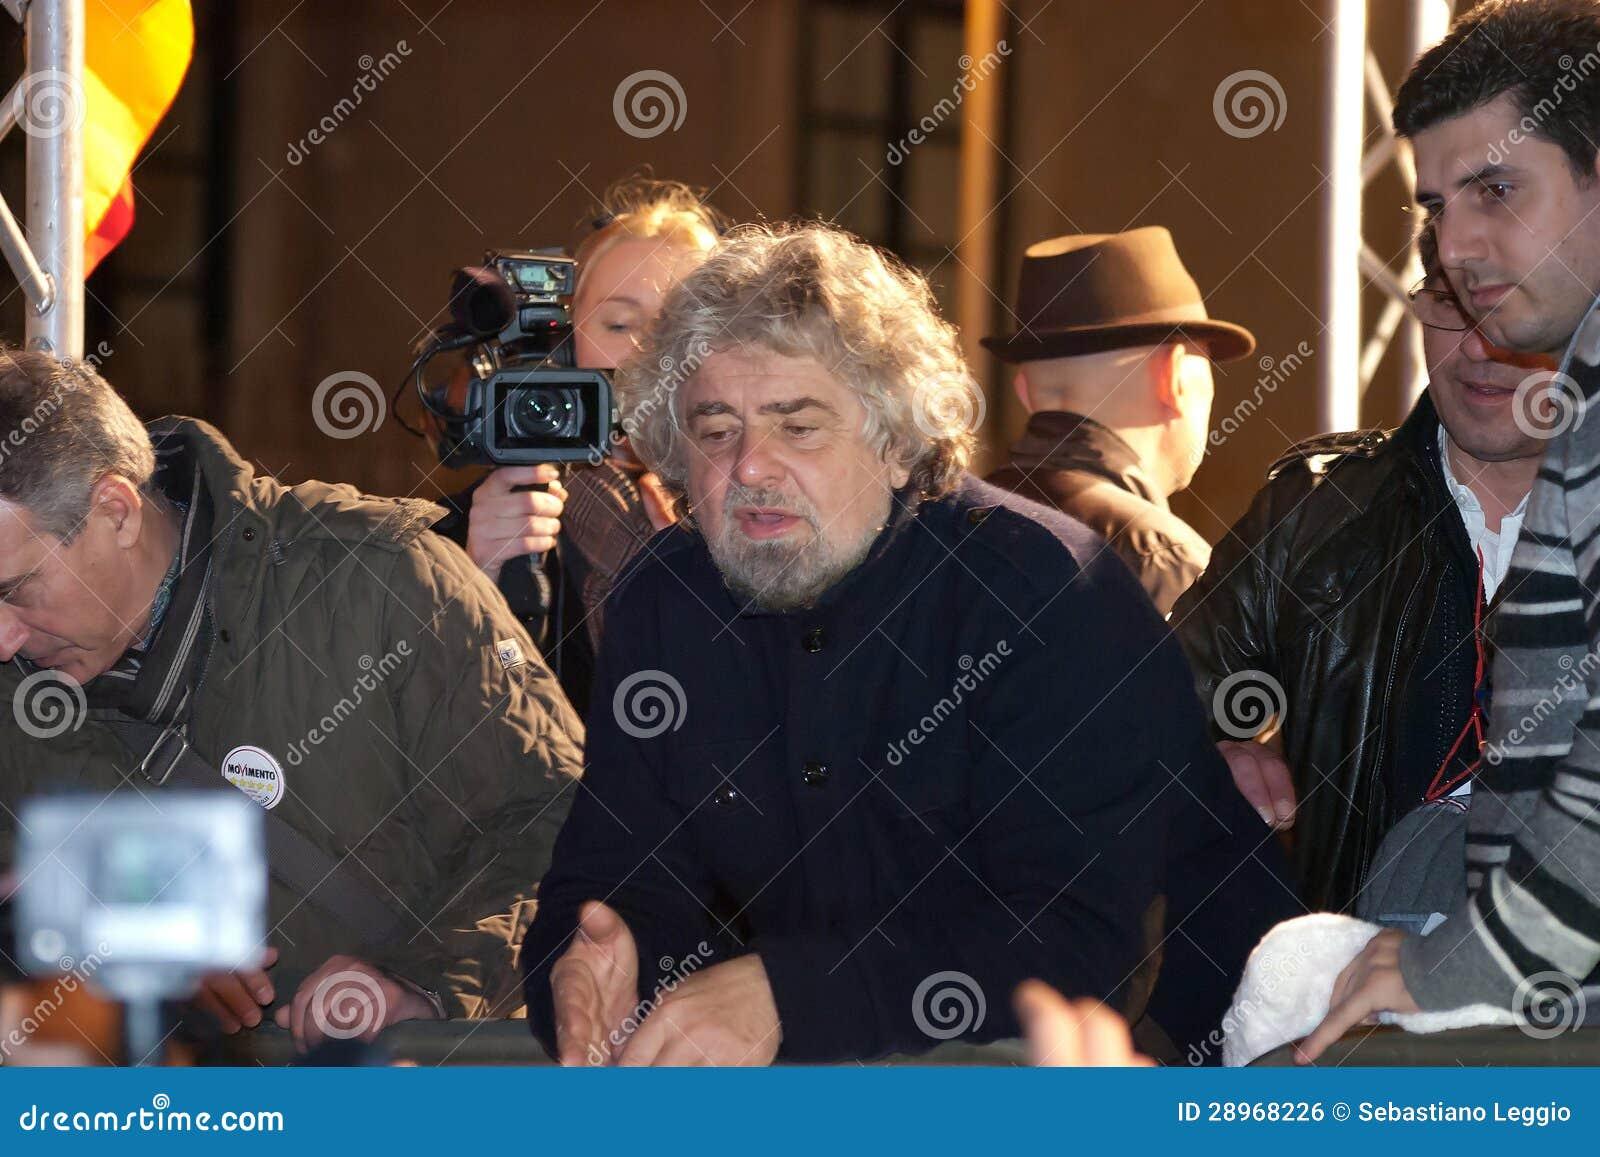 Beppe Grillo lider włoski ruch polityczny Movim